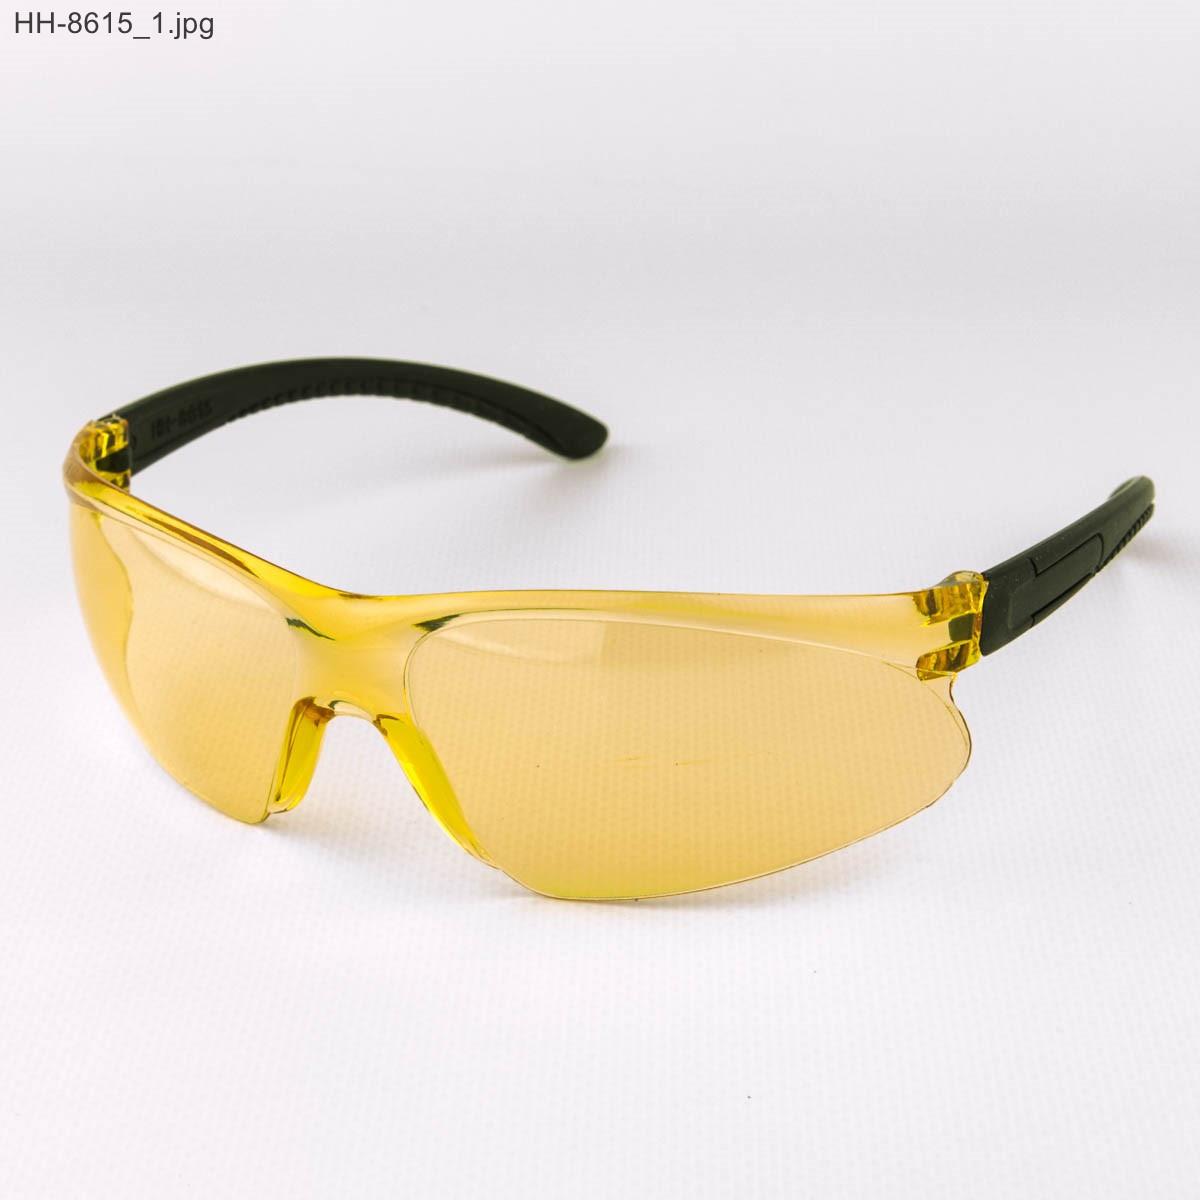 Оптом мужские очки черные с желтыми линзами - НН-8615